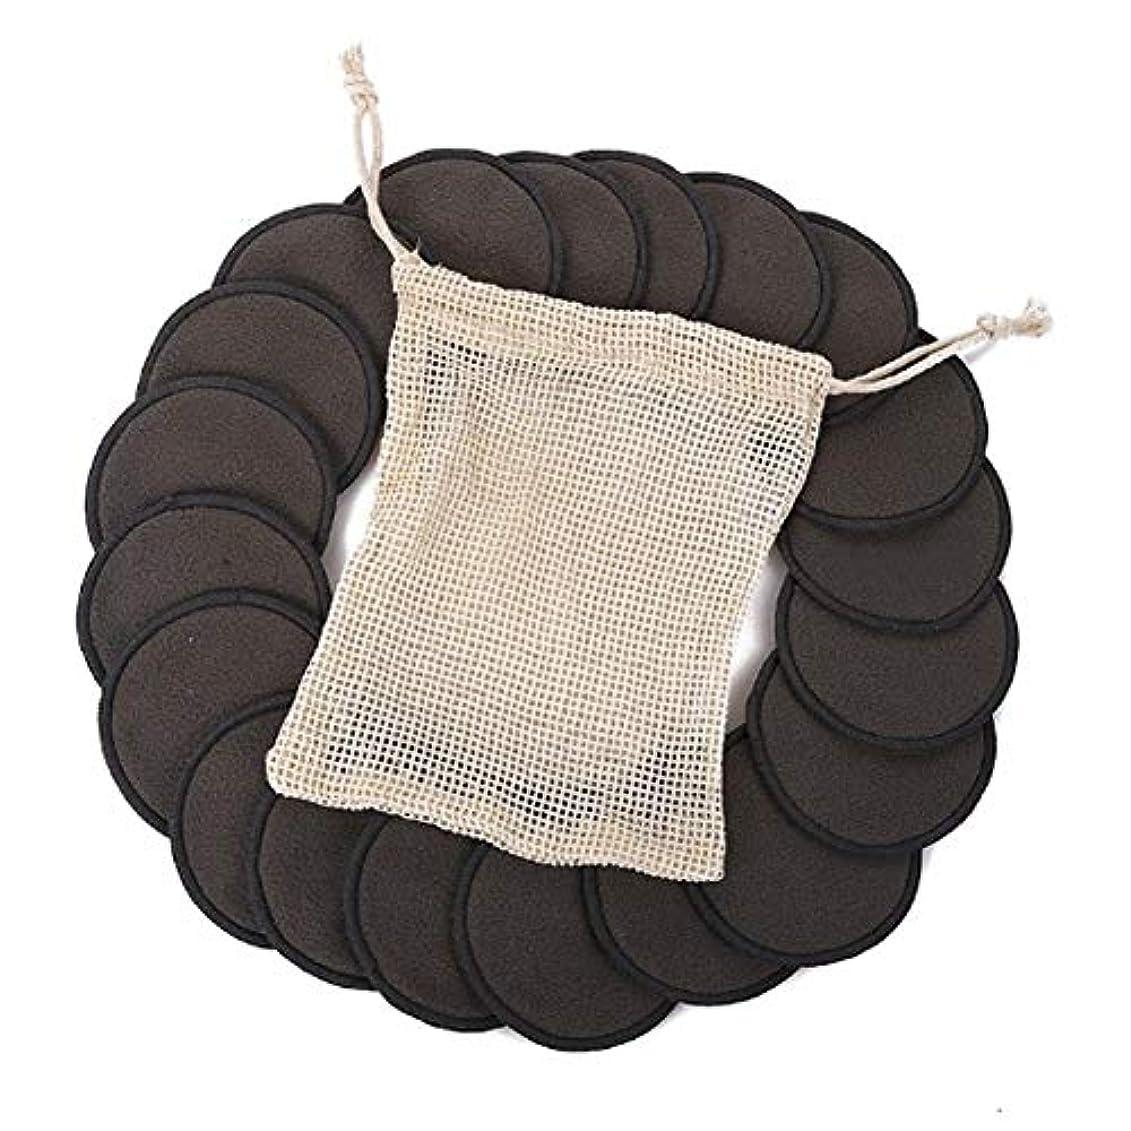 望ましい失業娘綿のパッド、顔の目のための12PCS構造の取り外しの綿のパッドの再使用可能なタケ繊維の洗濯できる円形のパッド